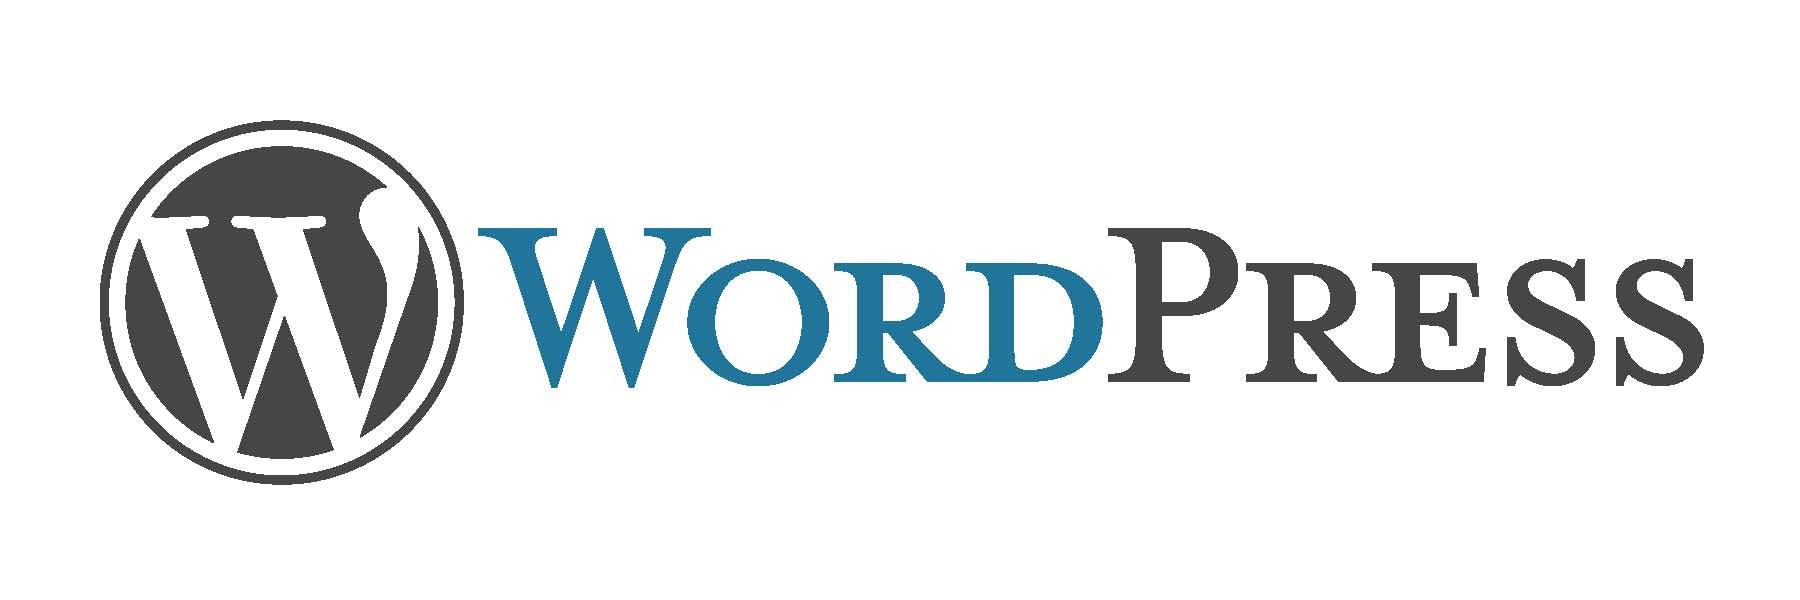 Wordpress turinio valdymo sistema